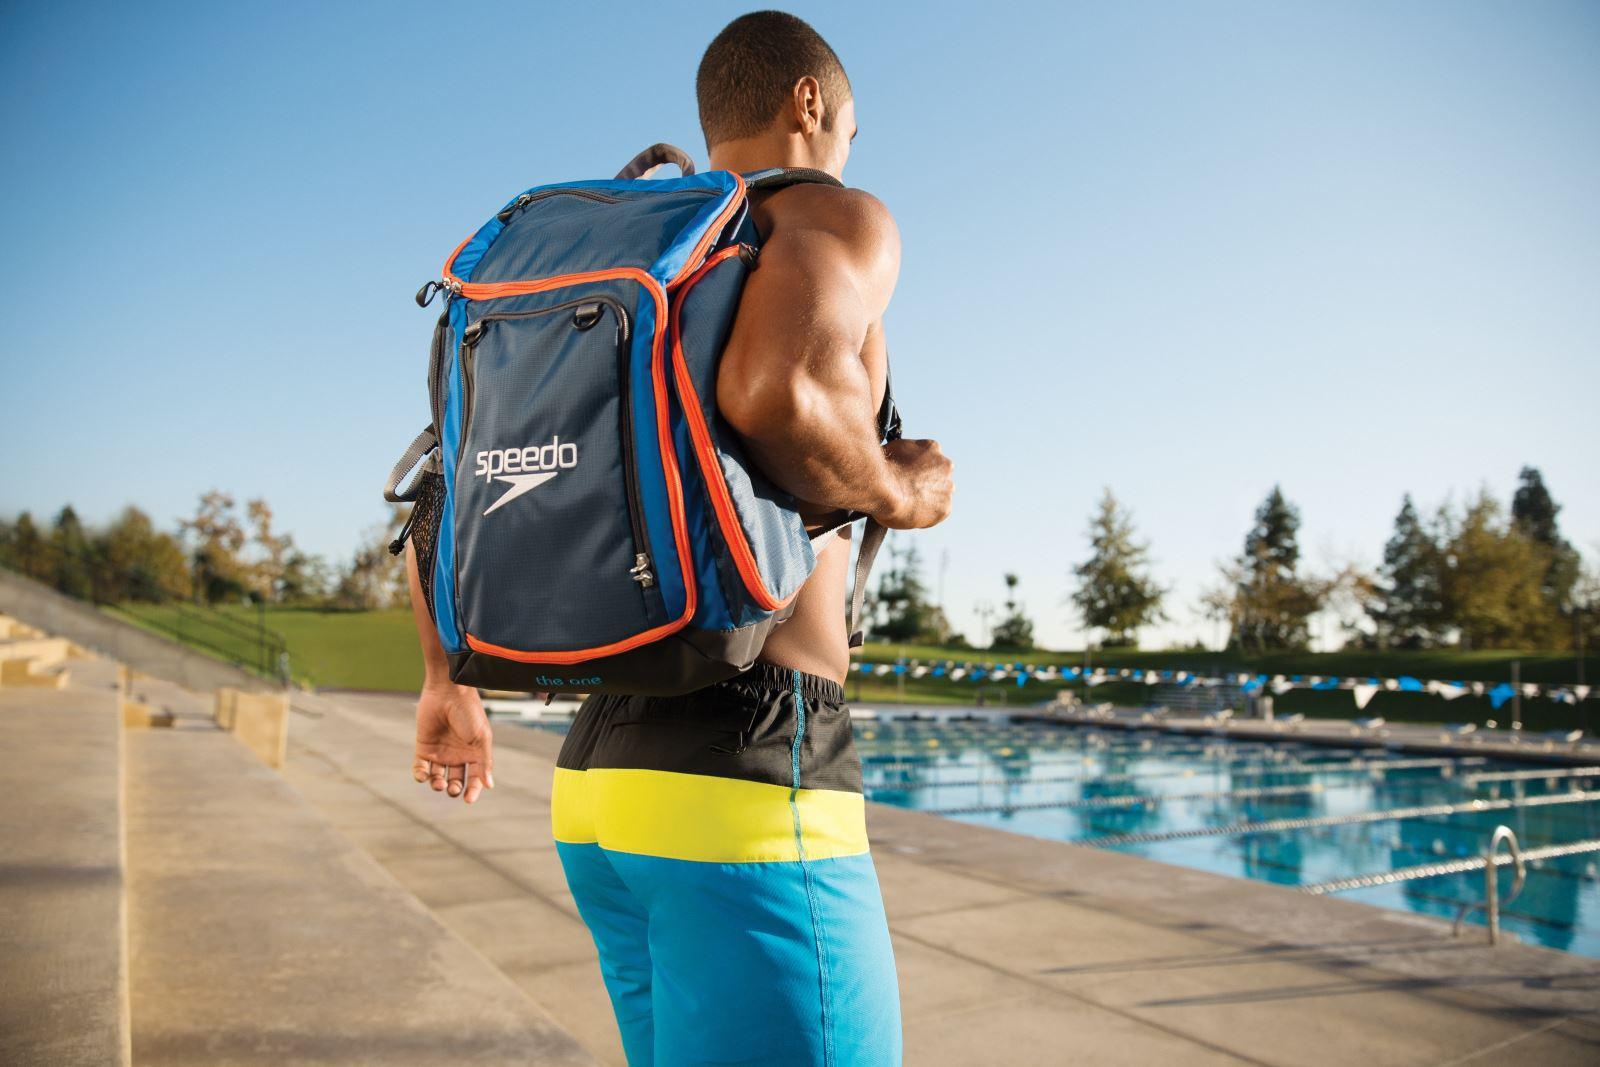 How To Care For A Swim Bag